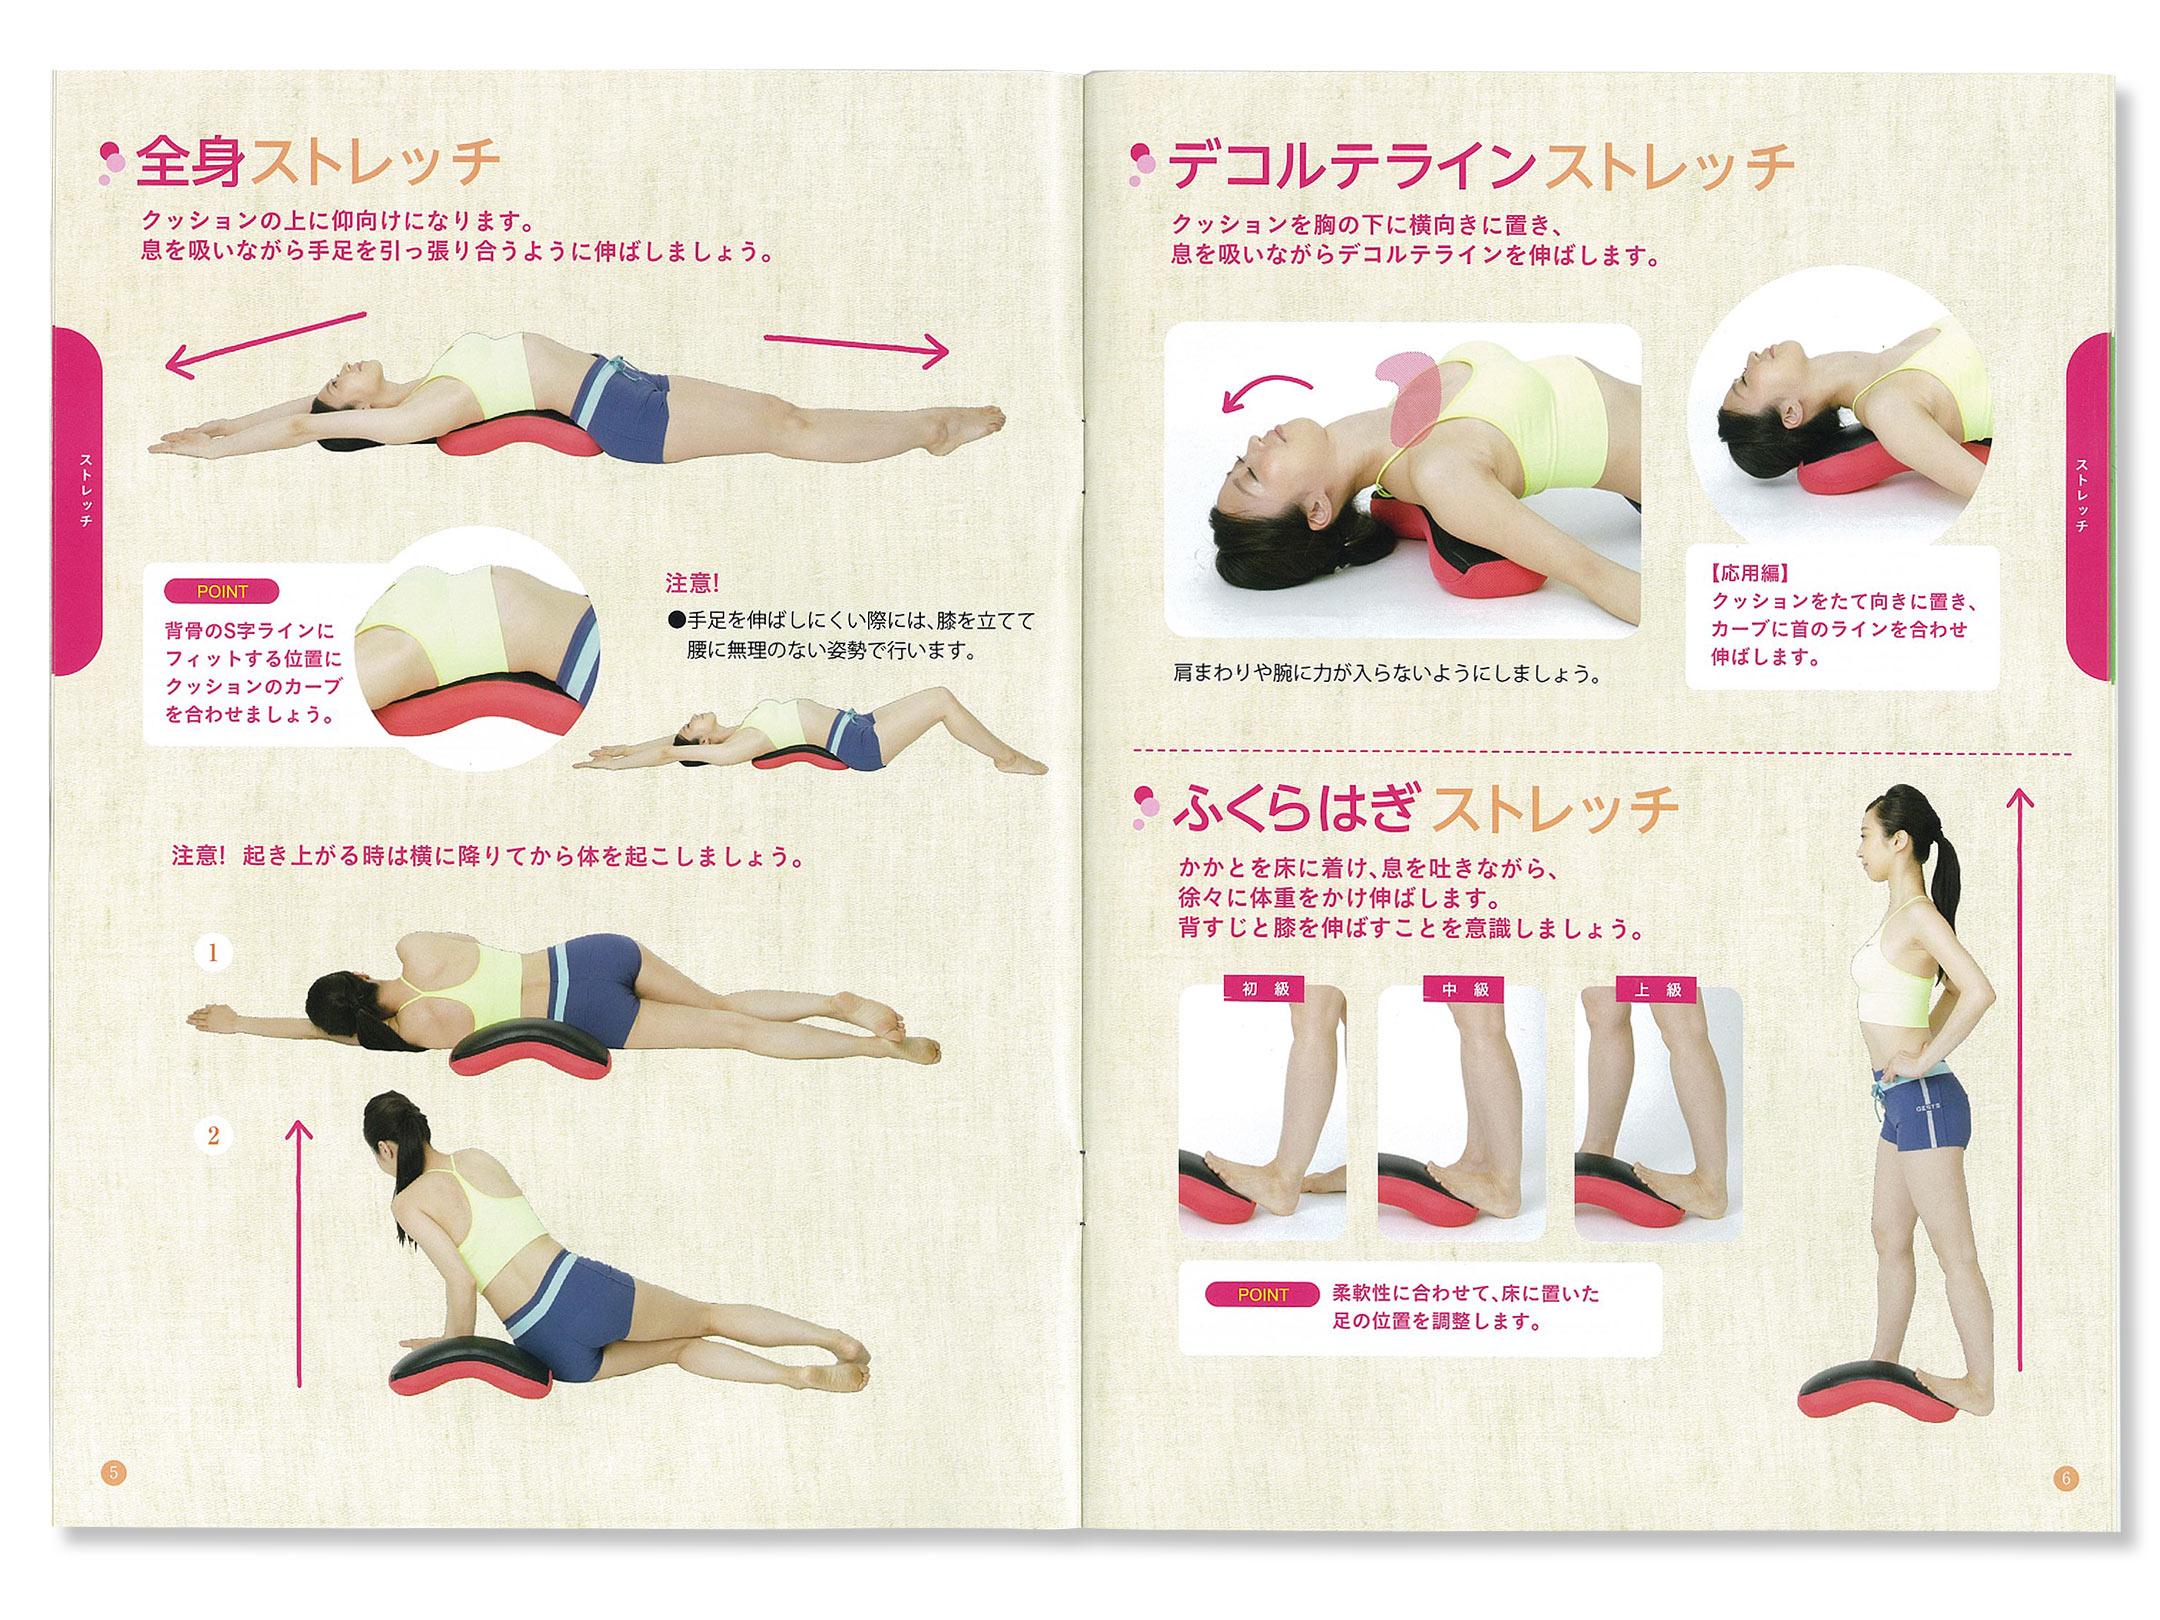 分解写真で、運動のポイントを詳しく解説している。